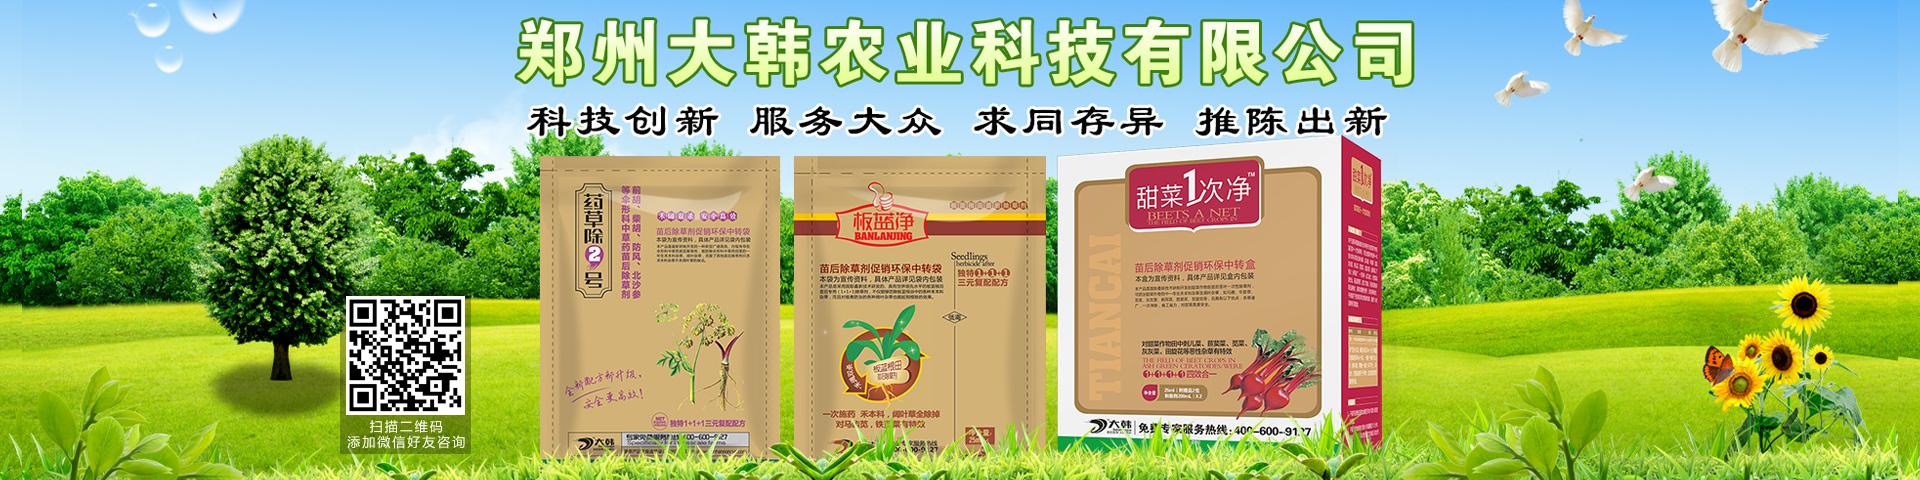 郑州大韩农业科技有限公司